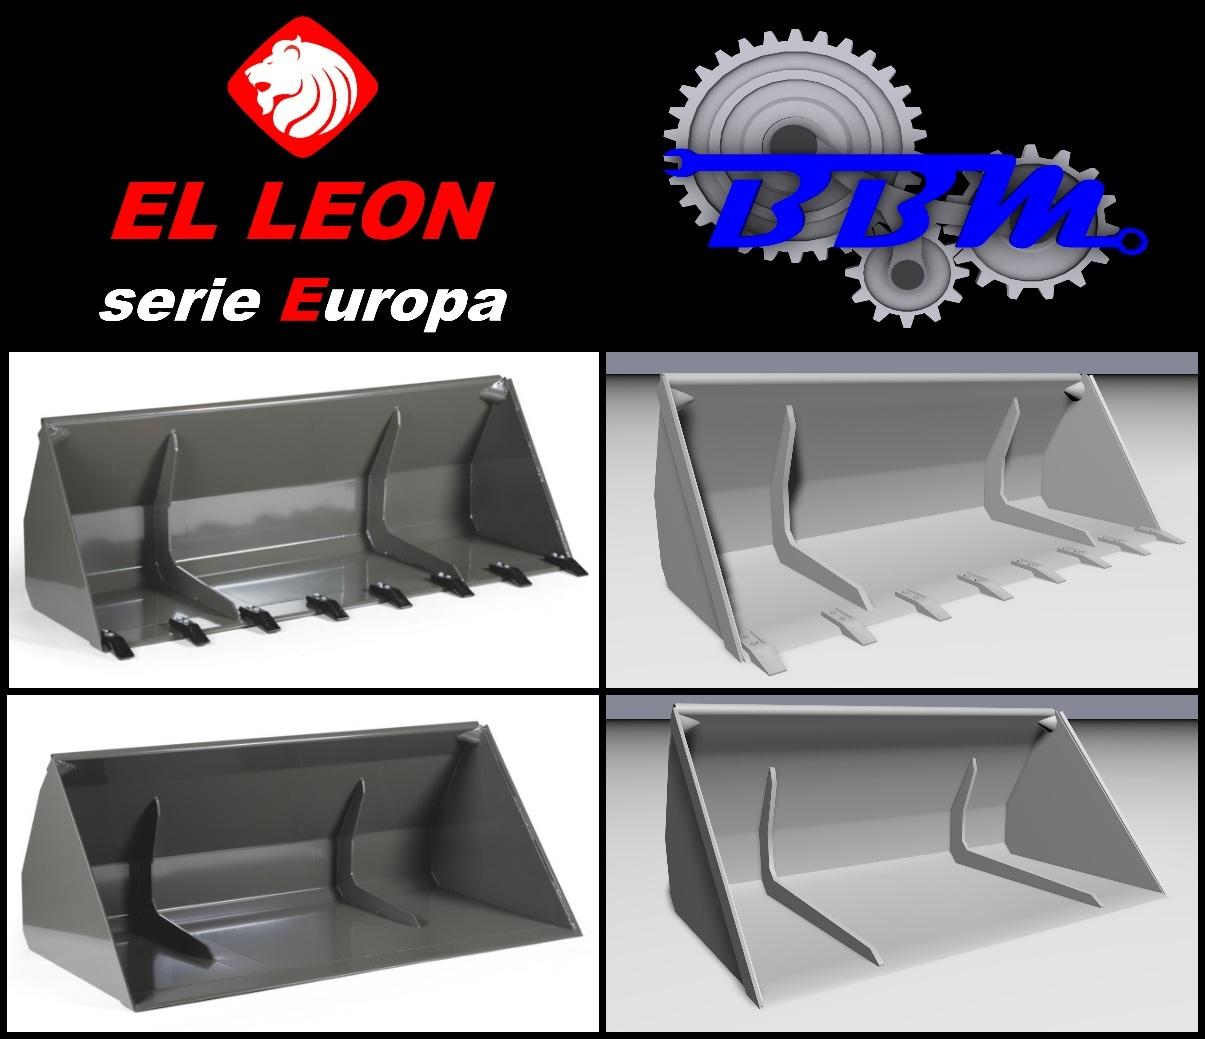 [T.E.P.] Proyecto Palas El León + Accesorios [Actualizado 7-6-2014] - Página 2 Cucharasaridosycerealk0sl6